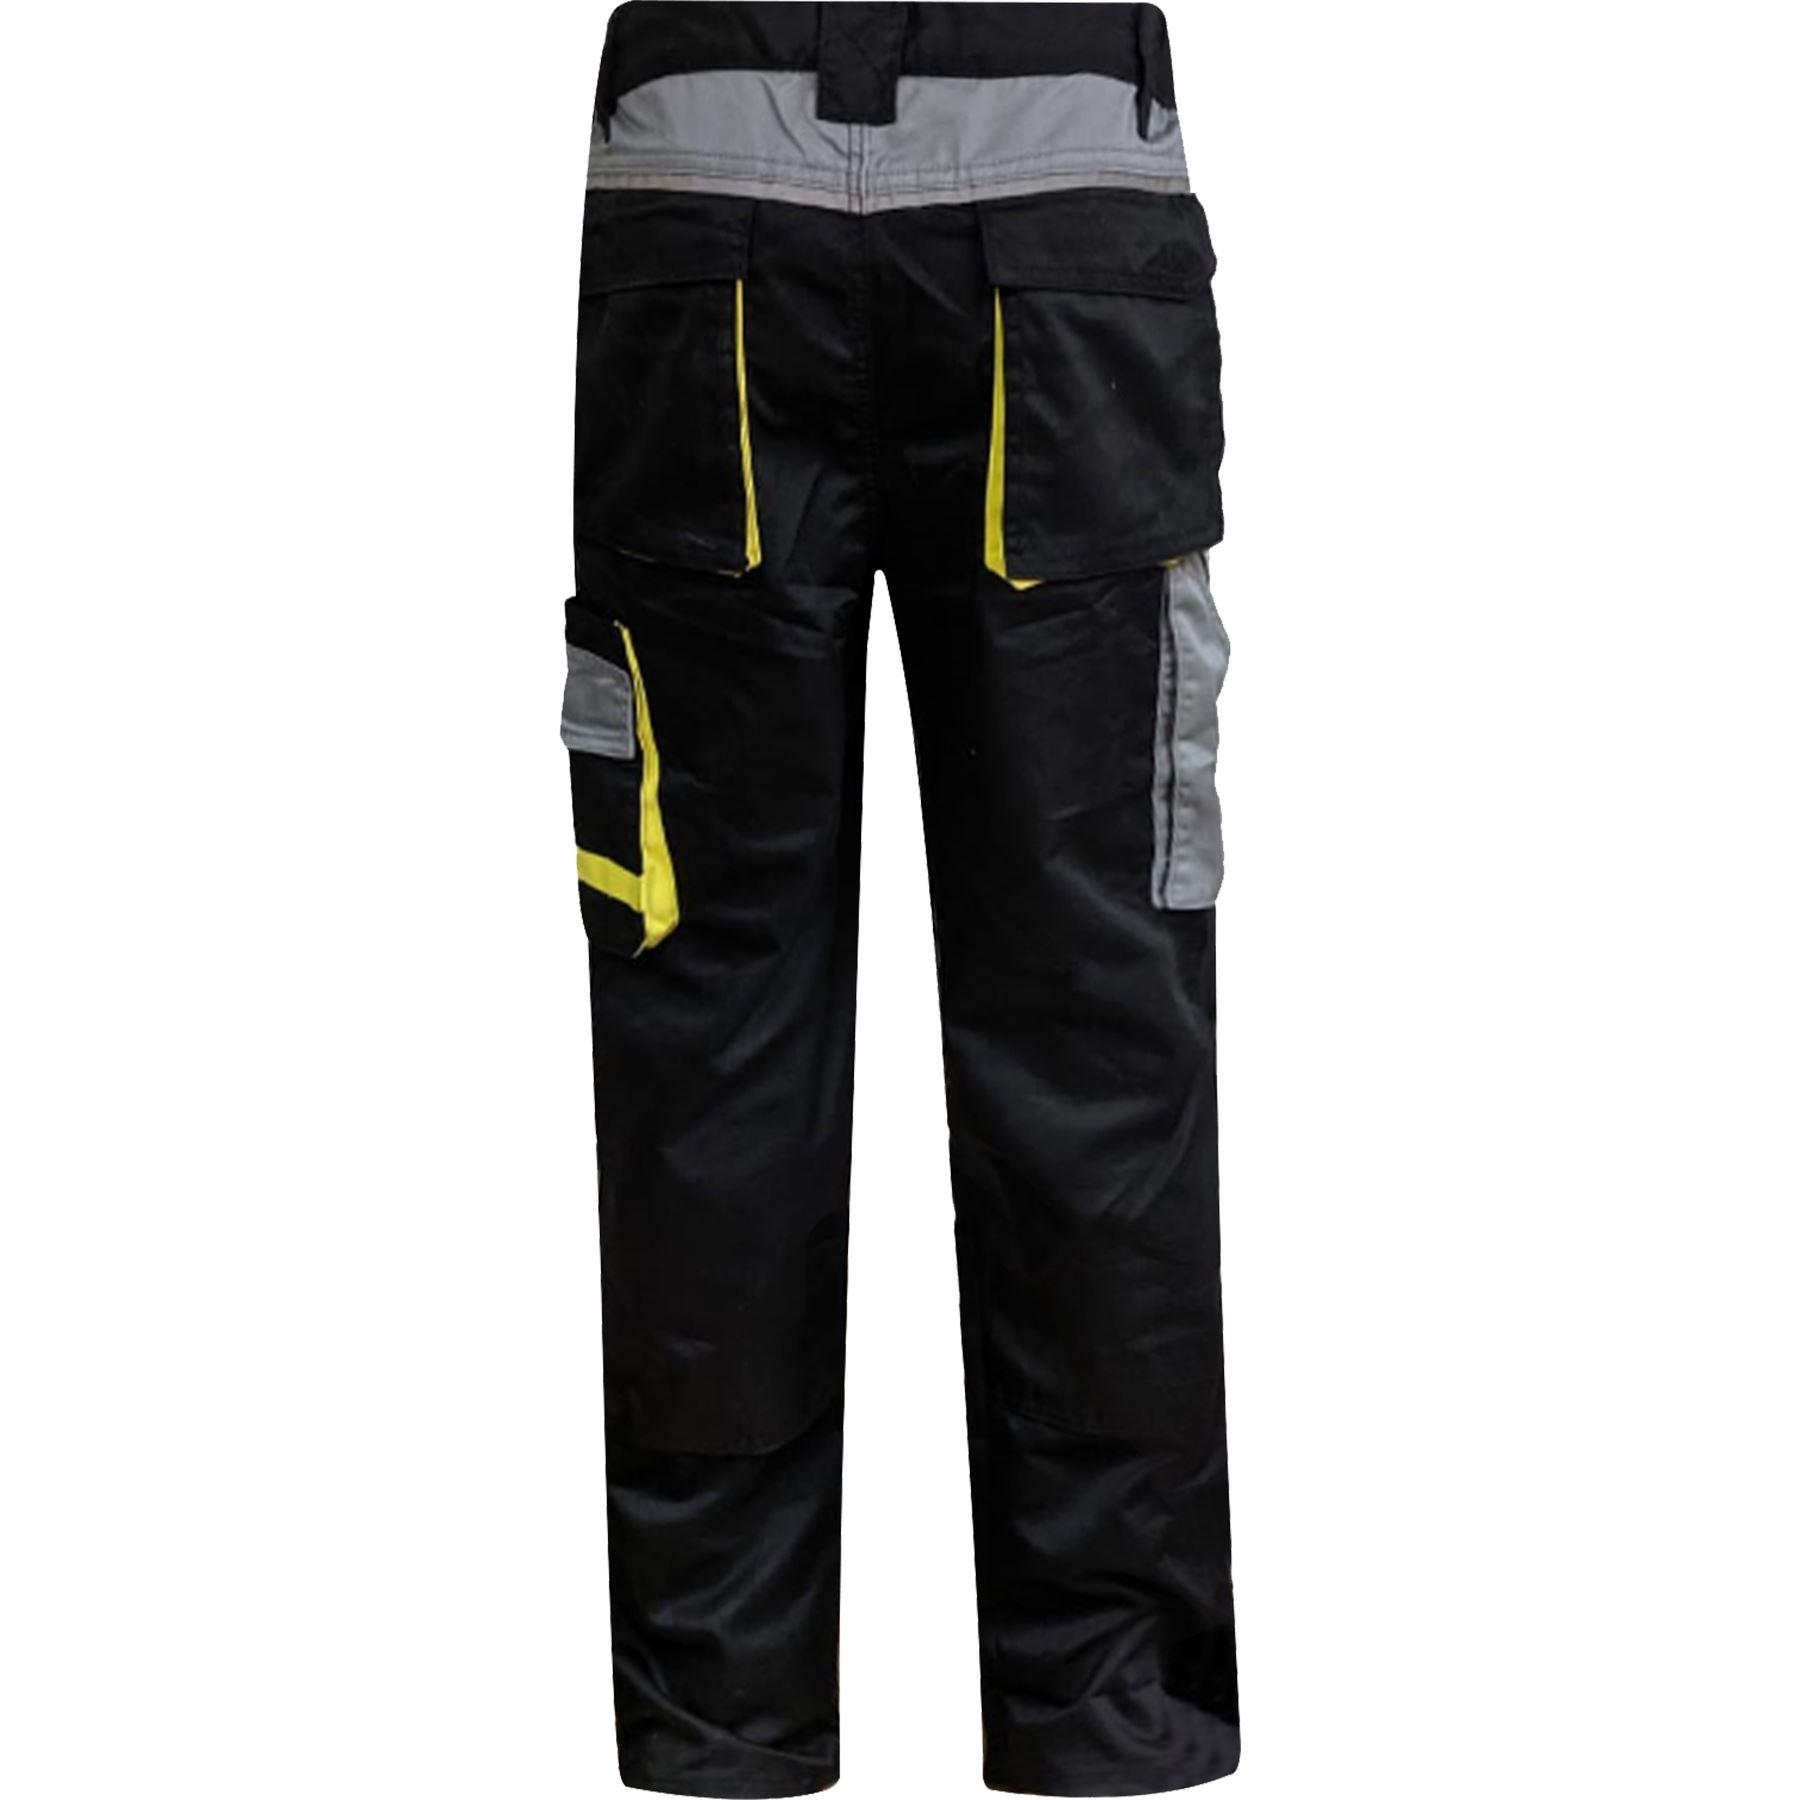 Para-Hombre-Elastico-Cargo-Pantalones-De-Trabajo-Cordura-Resistente-Rodilleras-Bolsillos-Hi-Vis miniatura 4